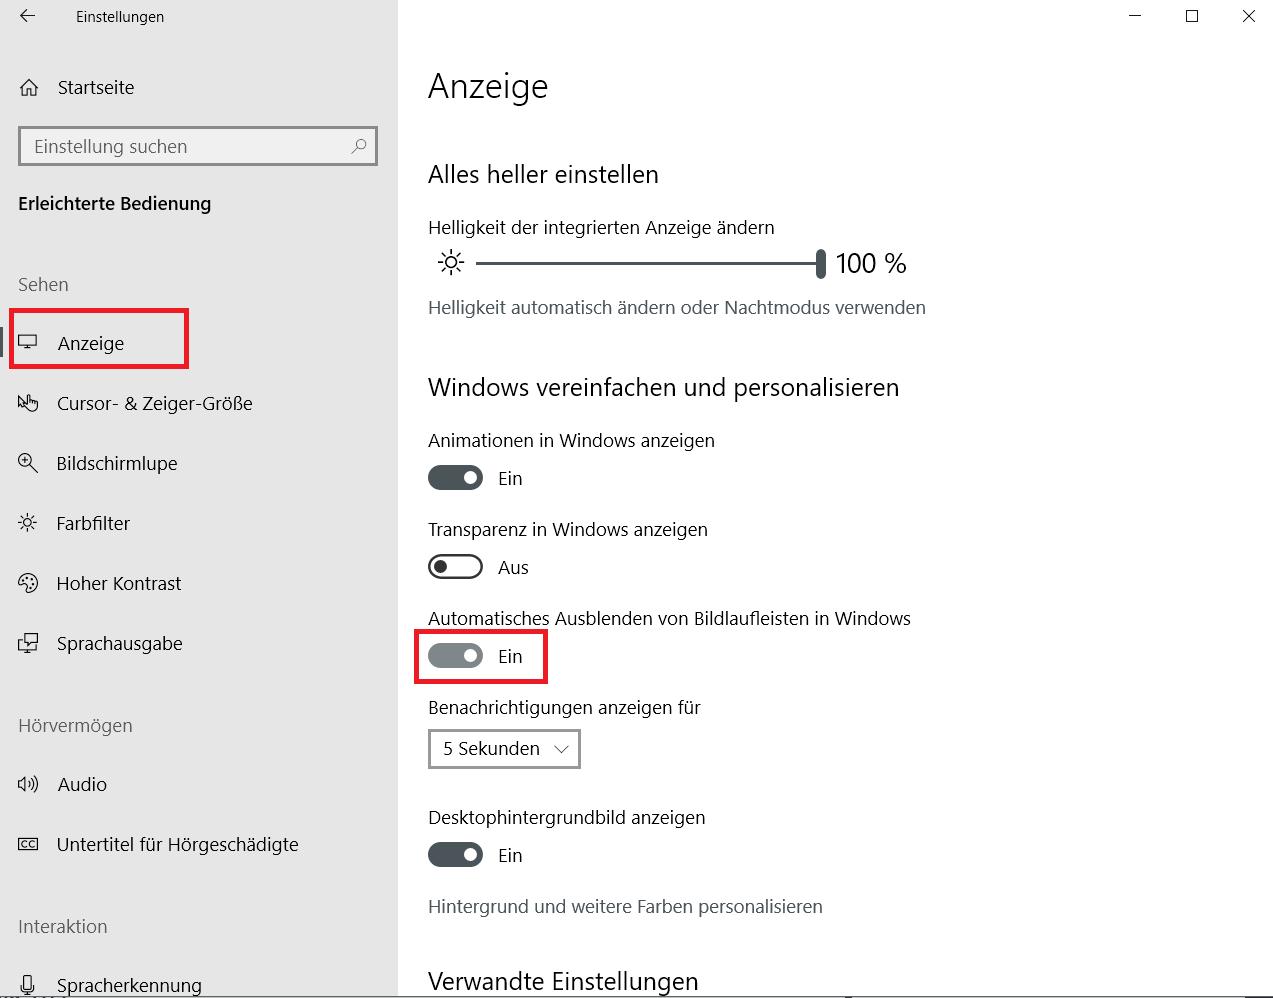 ausblenden eingeschaltet - Windows 10 Scrollleisten in den Einstellungen und Apps immer anzeigen